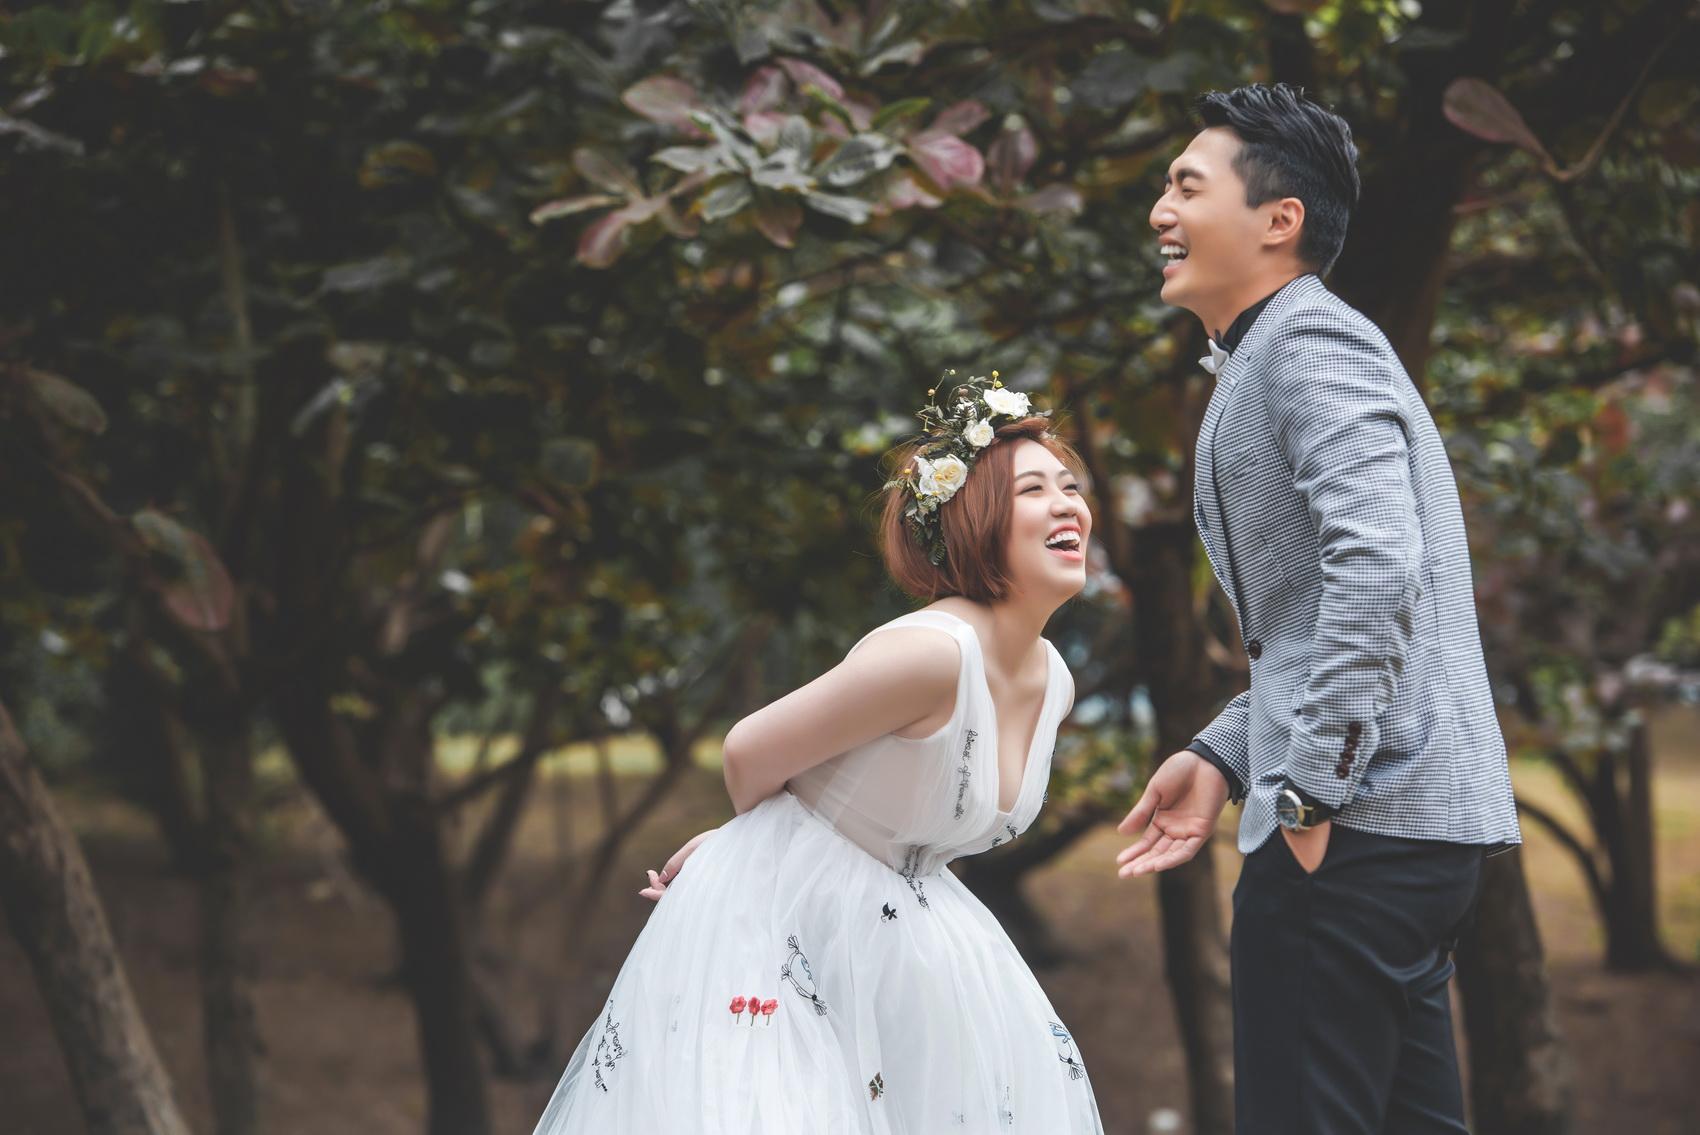 高雄法國台北婚紗| 森林共舞